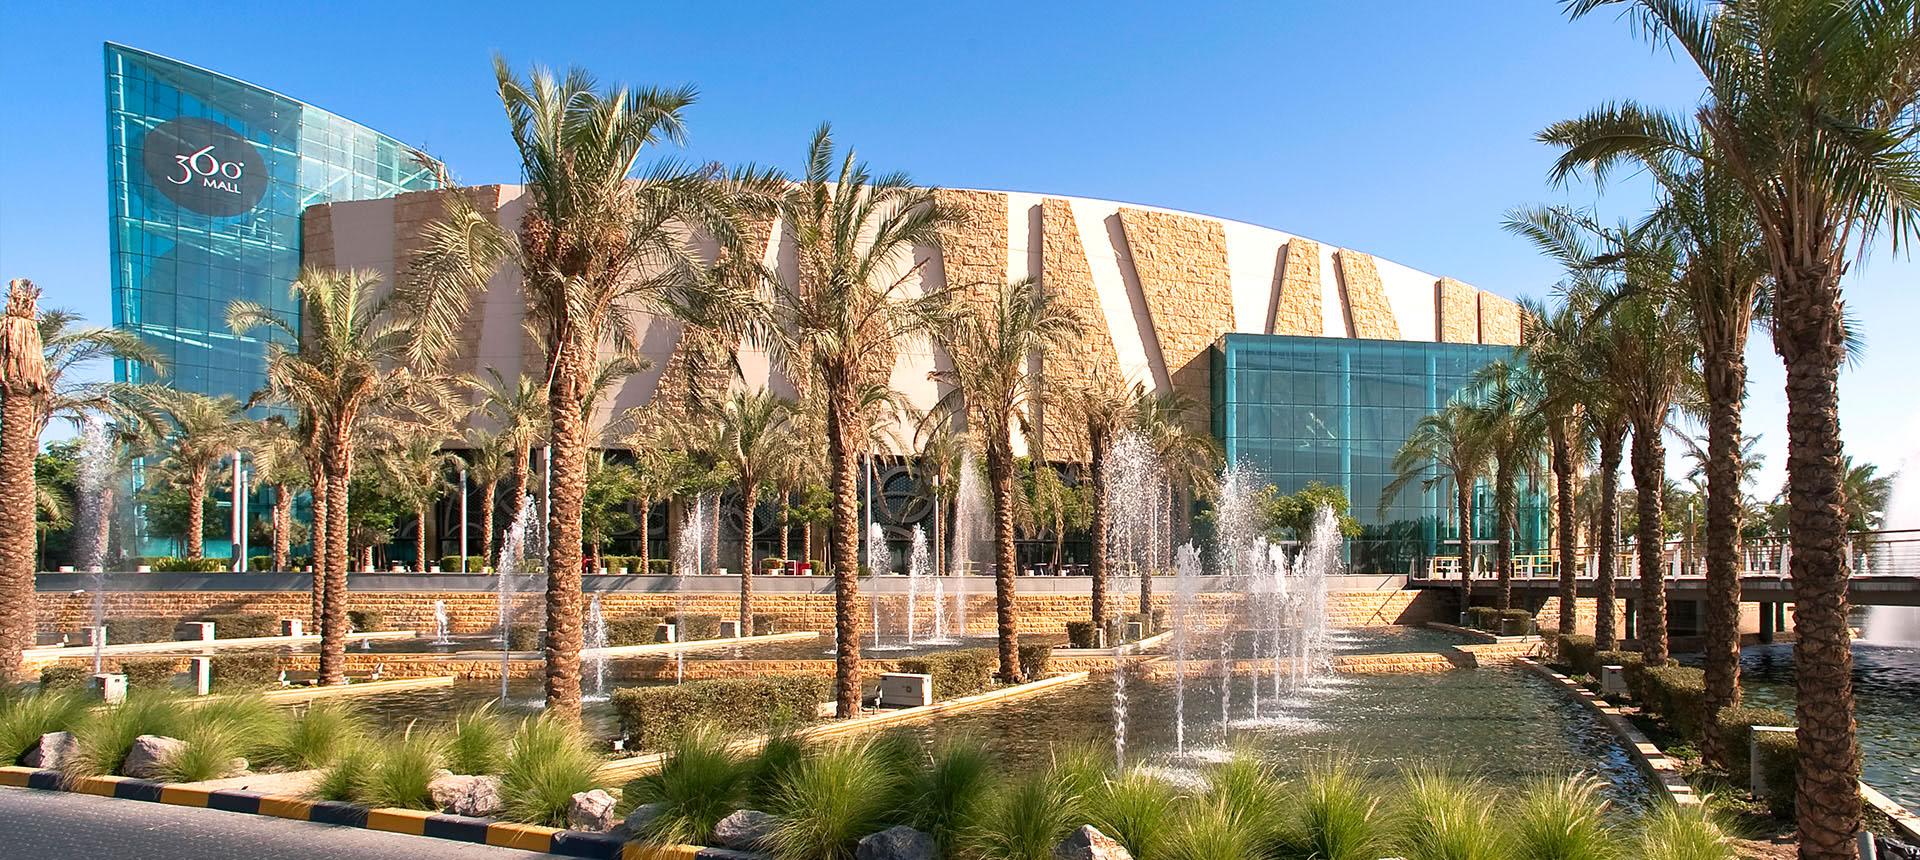 360 mall kuwait